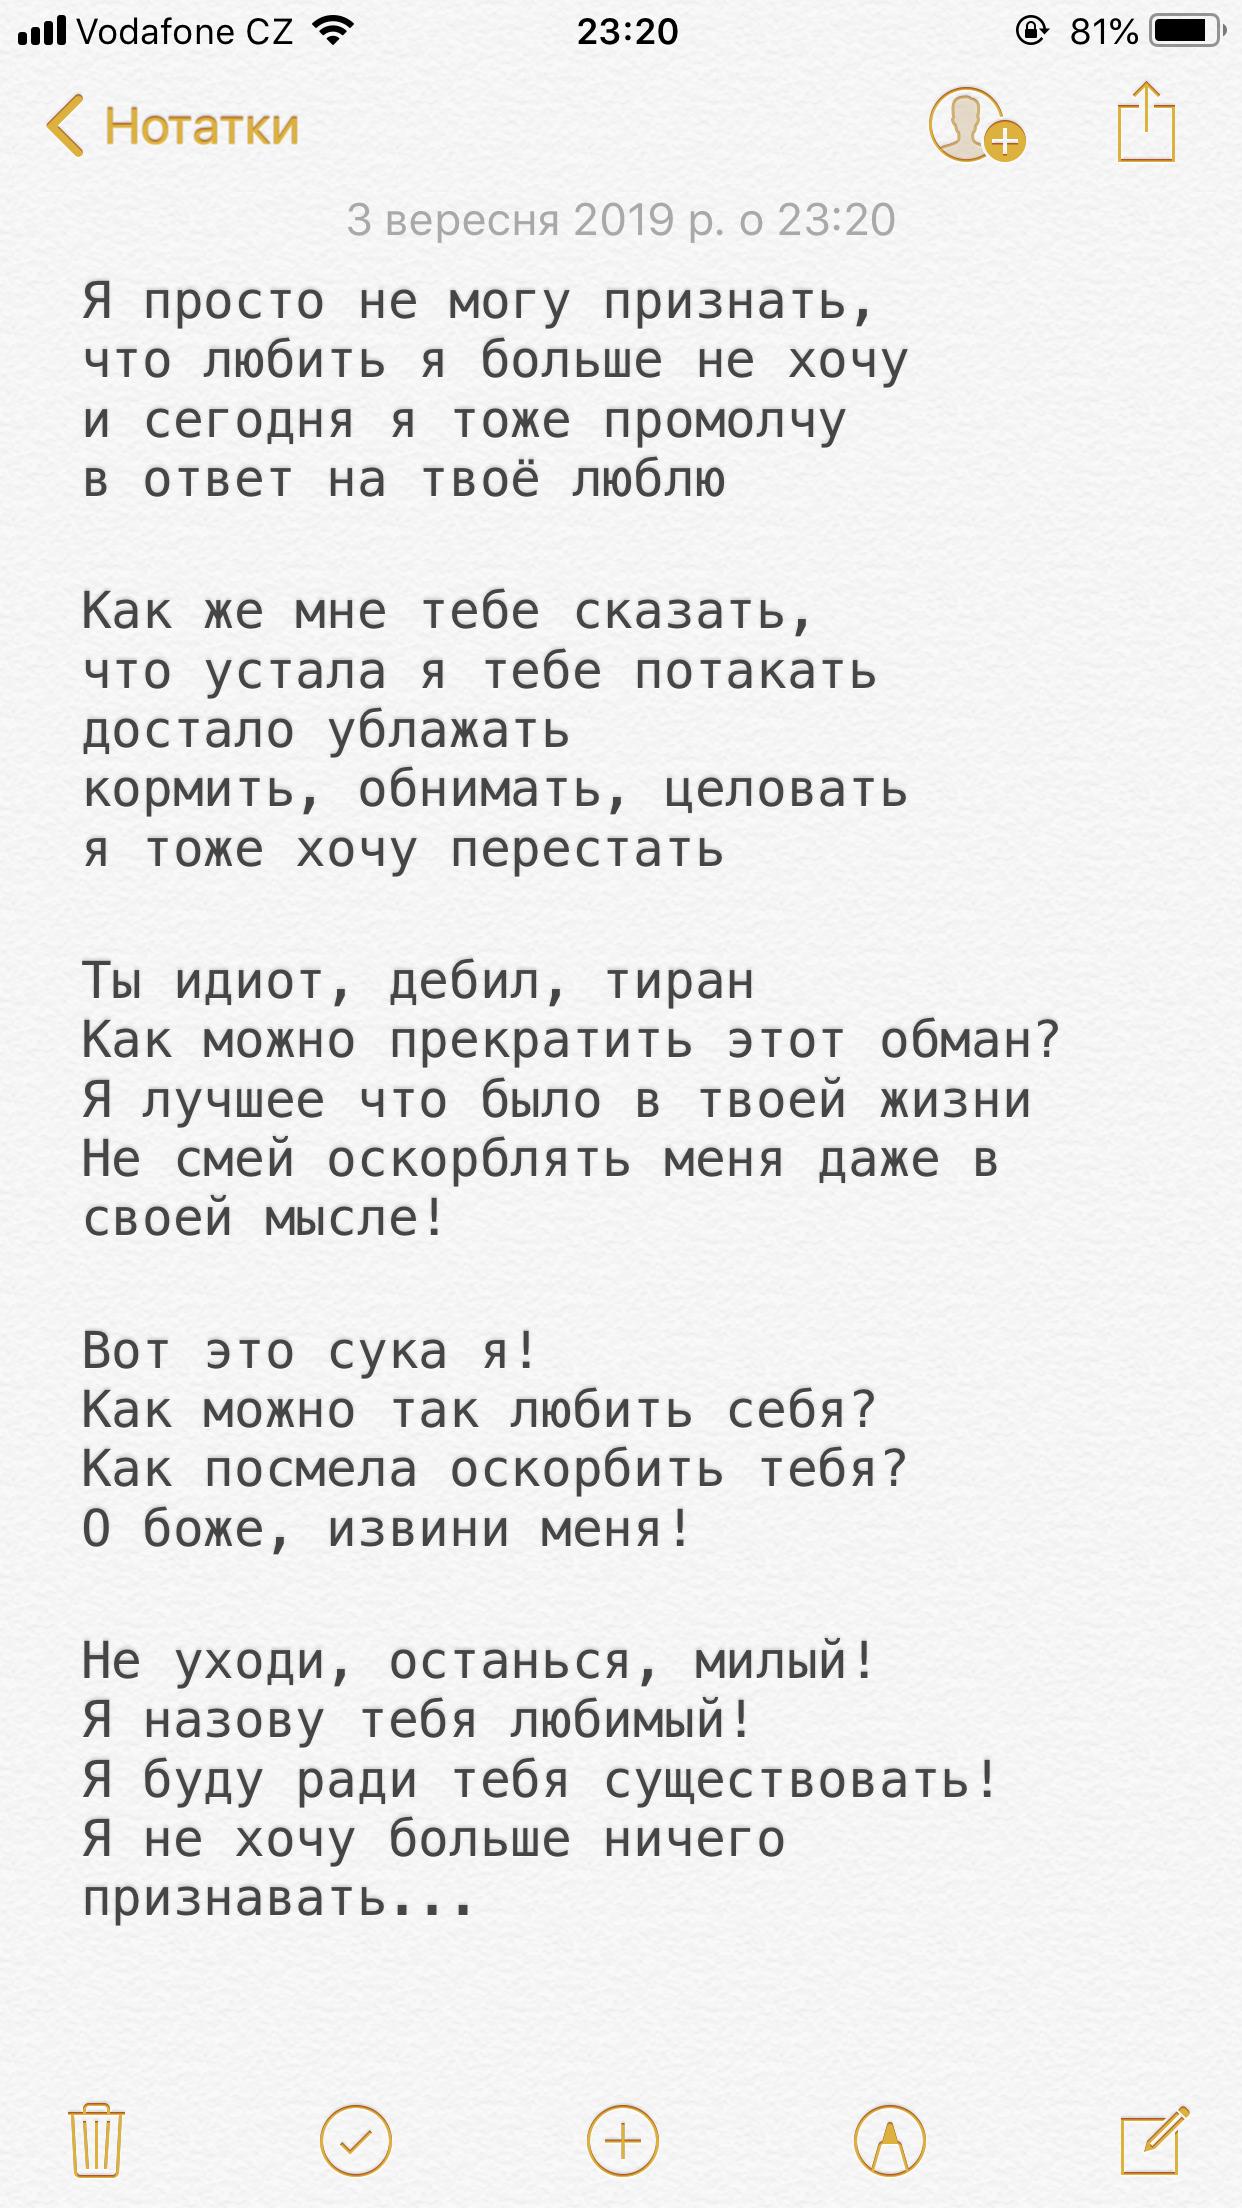 Стих о любви, но не точно, что о любви, и не точно, что стих